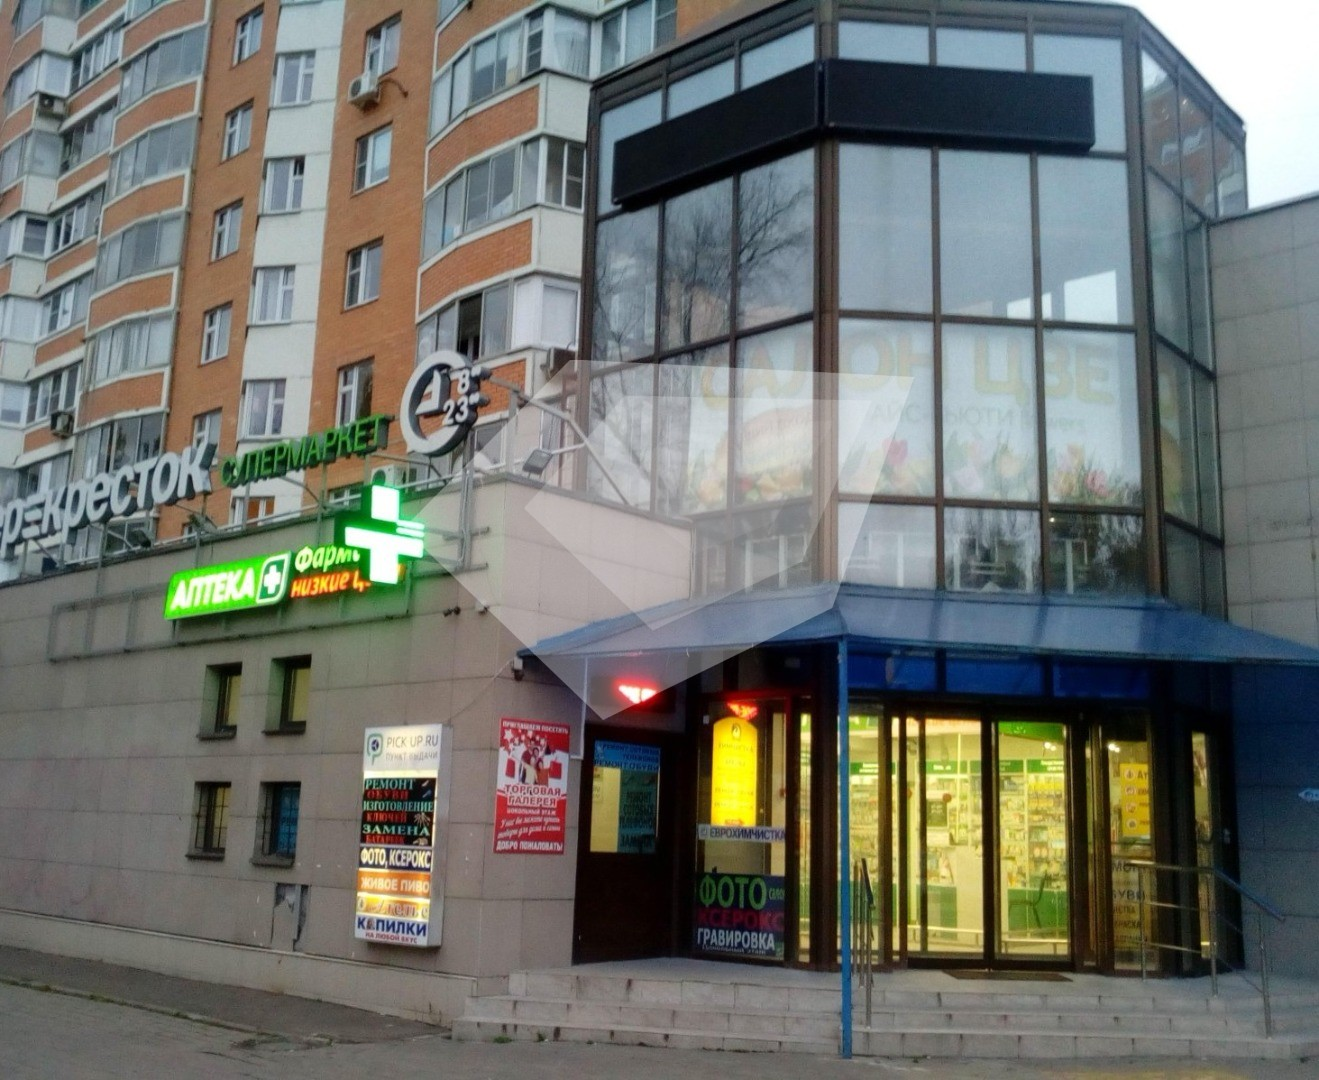 Аренда офисов в жилом доме в москве сайт поиска помещений под офис Марьиной Рощи 9-й проезд